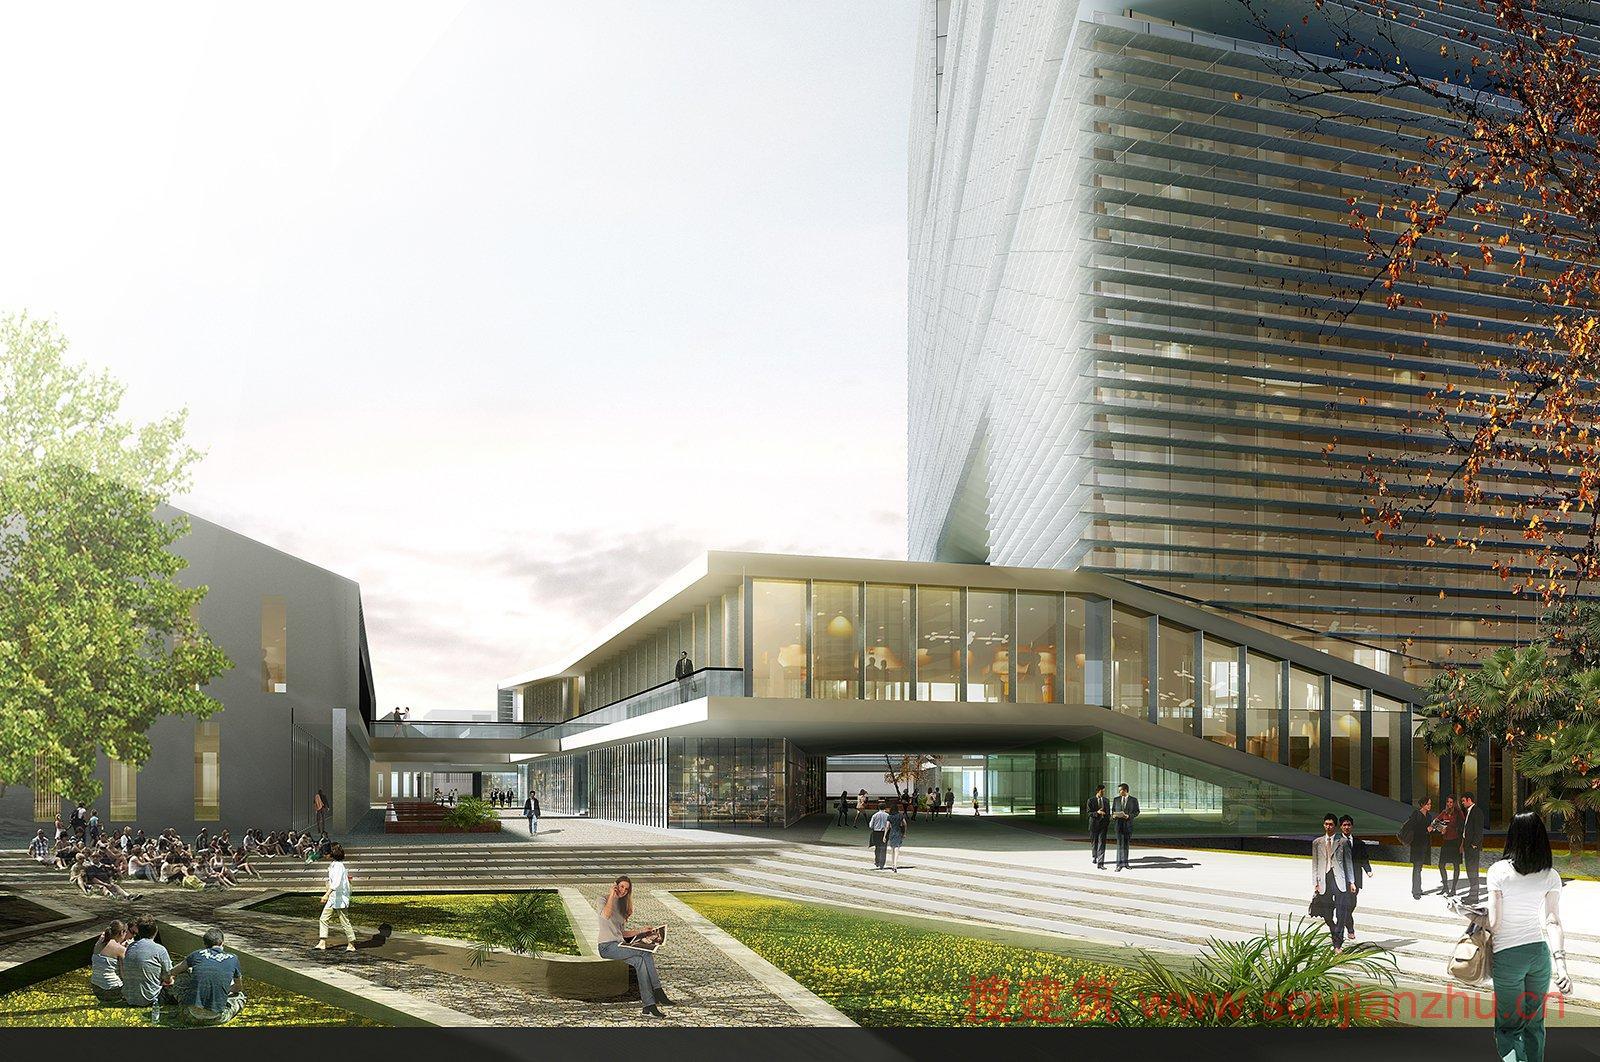 搜建筑网 -- 2015年国际设计竞赛首奖——浙江印刷